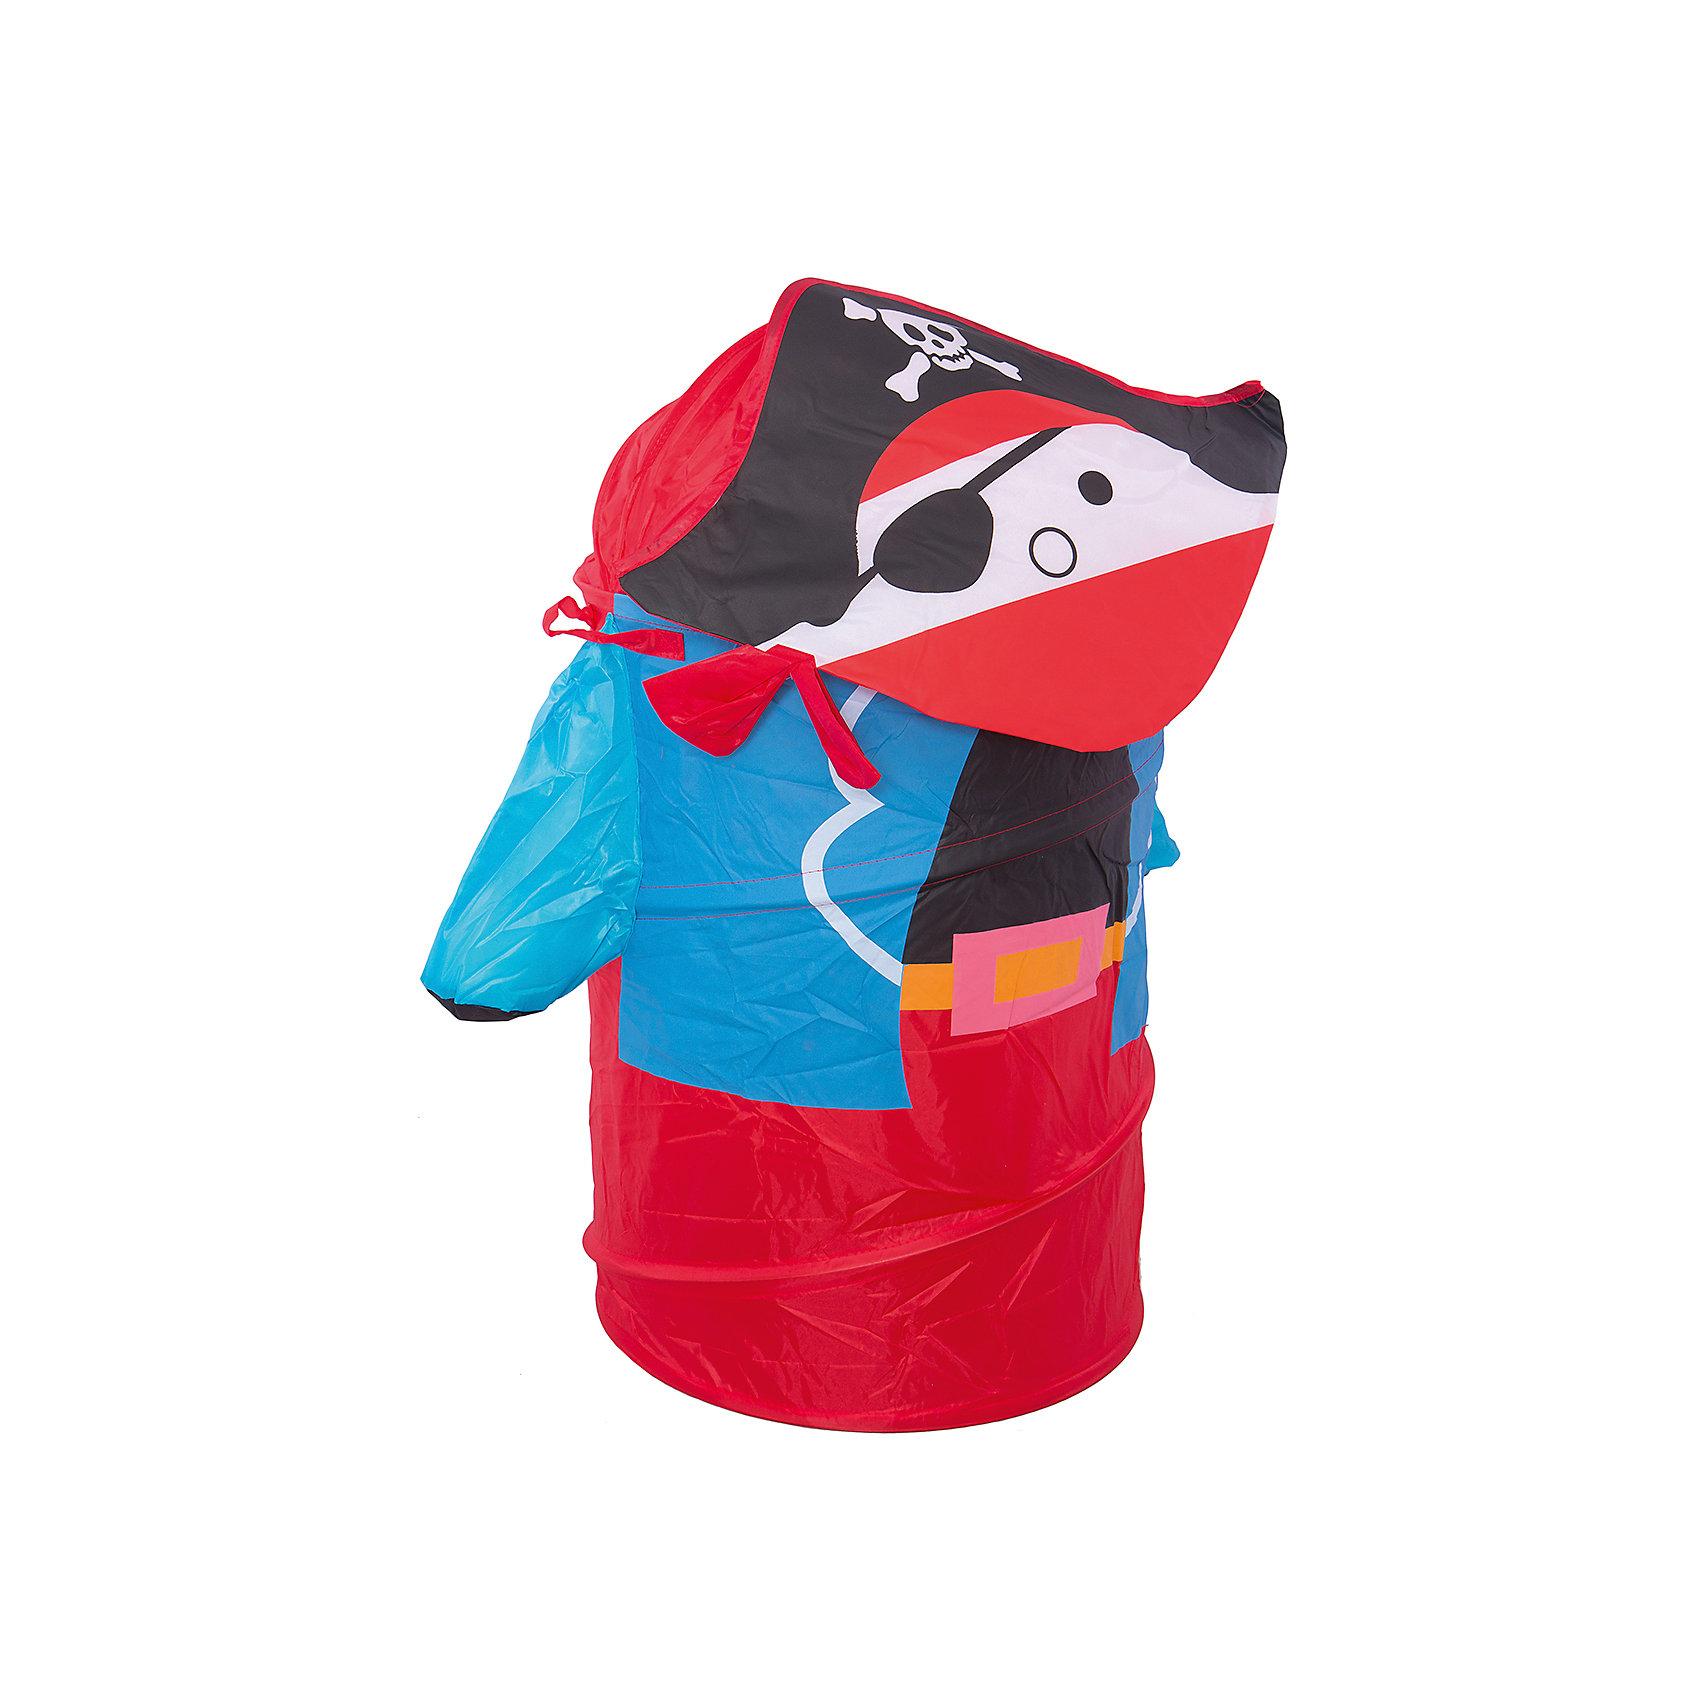 Корзина для игрушек ПиратКорзина для игрушек Пират – эта функциональная корзина для хранения игрушек очень удобна и практична.<br>Яркая и вместительная корзина для хранения игрушек Пират украсит интерьер детской комнаты. Эта забавная корзина поможет сделать процесс уборки игрушек более увлекательным и приучит ребёнка к порядку и аккуратности. Выполнена из лёгкого и плотного материала, прочная, легко стирается и проста в сборке, каркас – металлическая пружинная вставка, хорошо держащая форму. Корзина очень удобная, легкая и не занимает много места. Крышка закрывается на «липучку». Для удобства предусмотрены ручки, за которые можно переносить корзину.<br><br>Дополнительная информация:<br><br>- Цвет: красный, синий, черный<br>- Размер: 43х60 см.<br><br>Корзина для игрушек Пират - теперь всем игрушкам найдется место.<br><br>Корзину для игрушек Пират можно купить в нашем интернет-магазине.<br><br>Ширина мм: 450<br>Глубина мм: 10<br>Высота мм: 10<br>Вес г: 584<br>Возраст от месяцев: 36<br>Возраст до месяцев: 96<br>Пол: Мужской<br>Возраст: Детский<br>SKU: 4083121